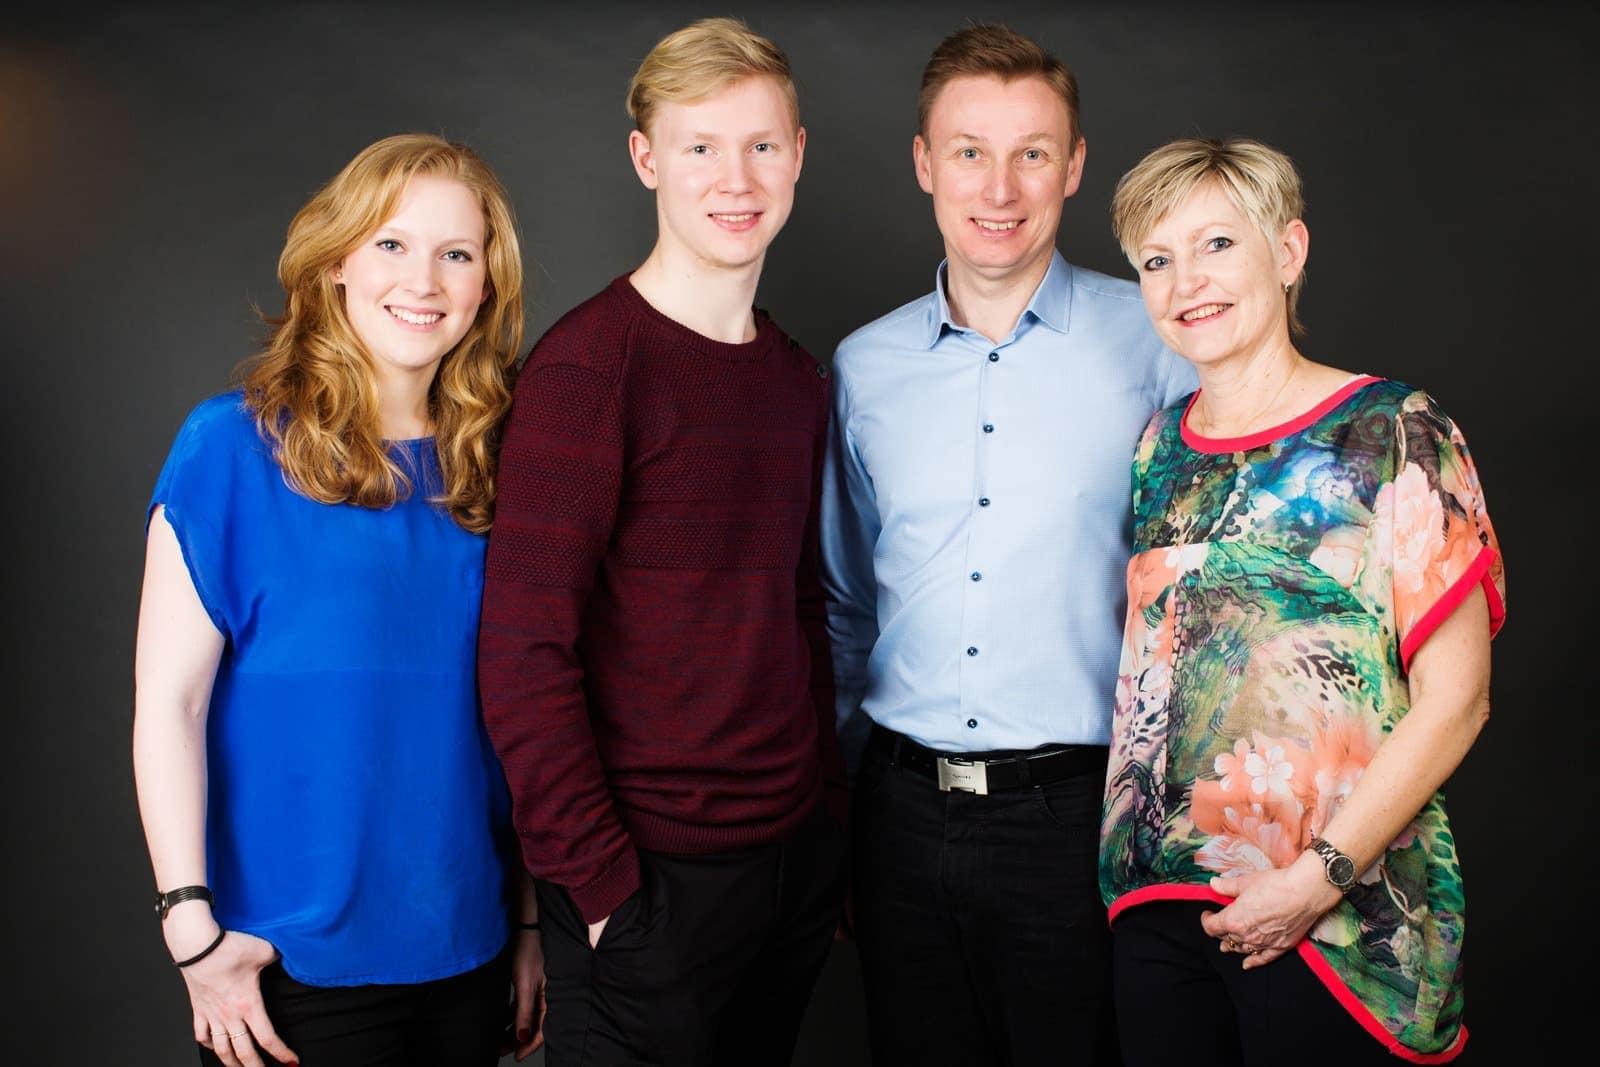 Familiebillede – familieportræt